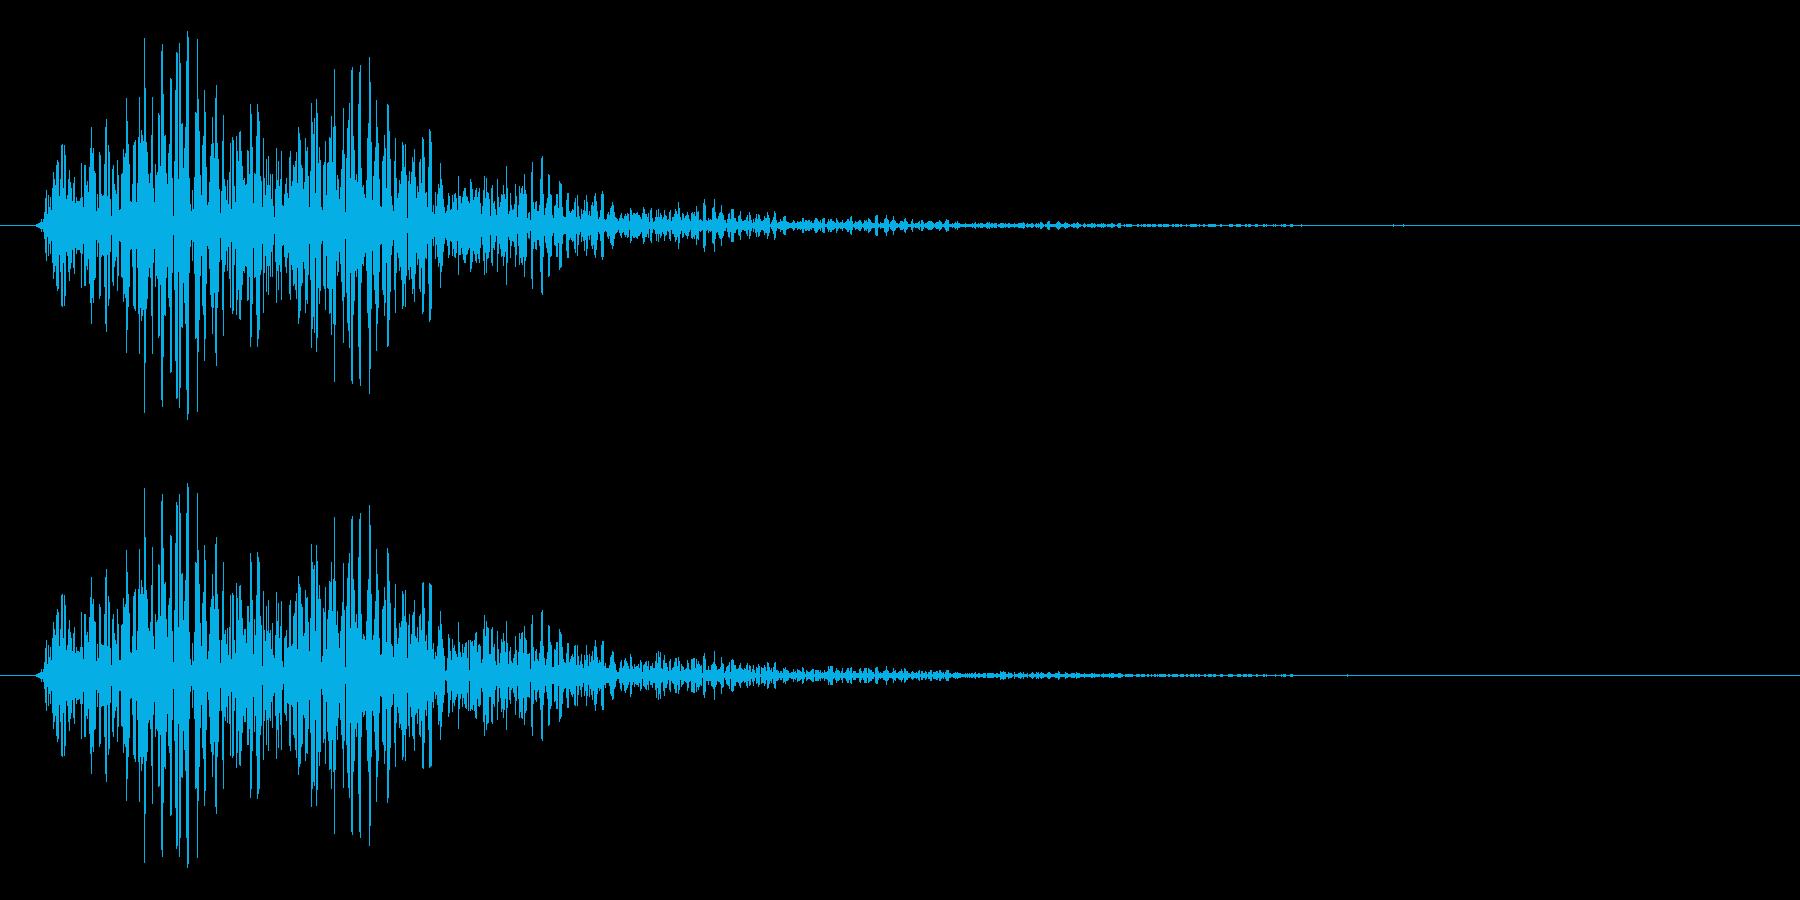 テクノロジーイメージ・エラー音(ブーン)の再生済みの波形